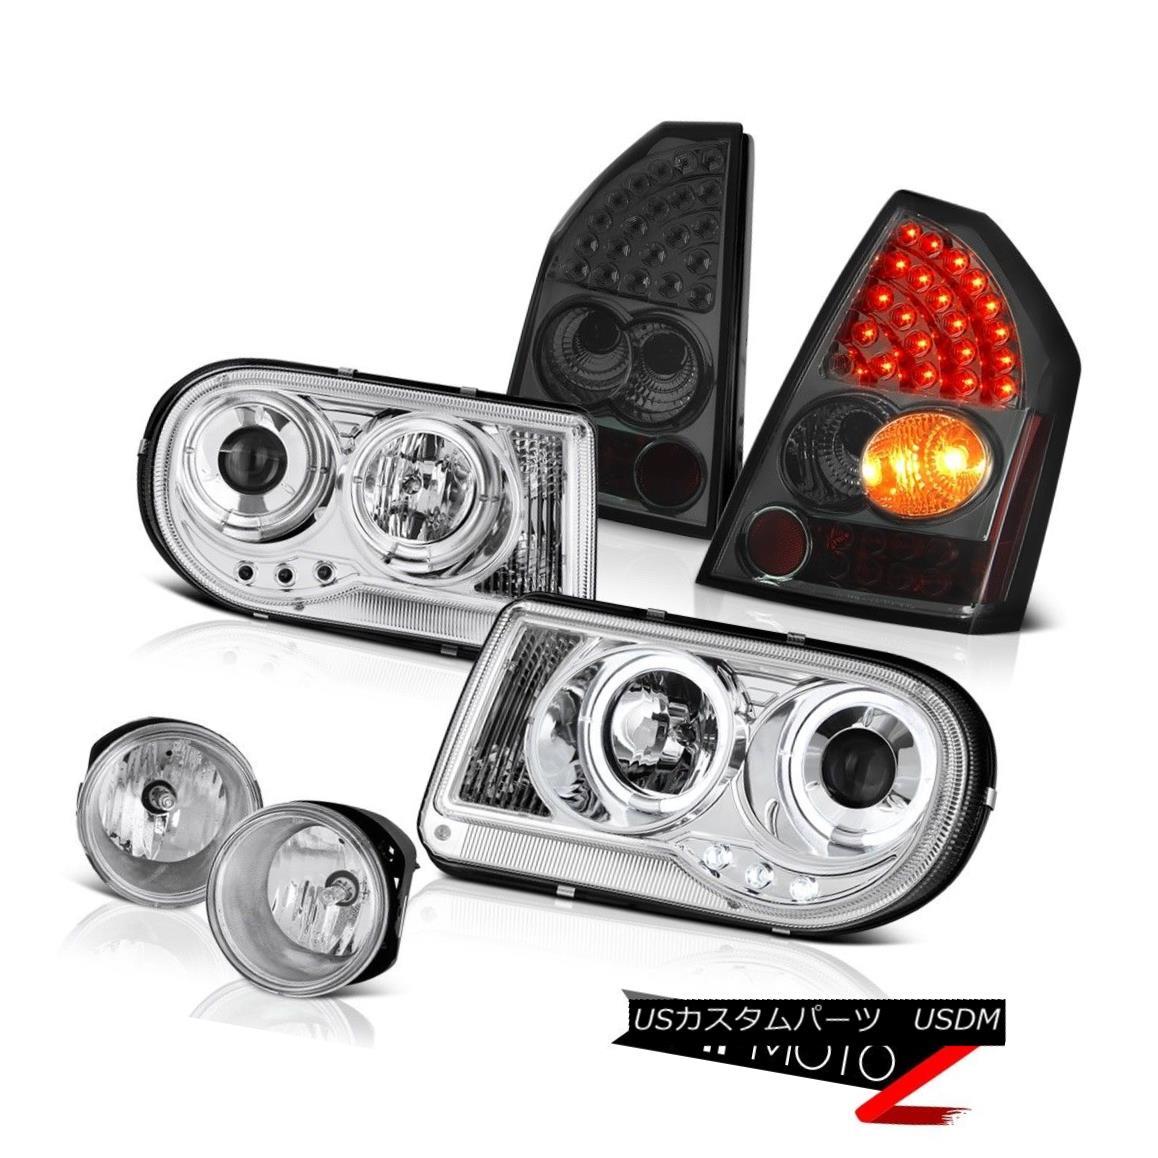 テールライト 2x Halo Projector Smoke LED Brake Lamps Foglamps 05 06 07 Chrysler 300C SRT8 2x Haloプロジェクター煙LEDブレーキランプFoglamps 05 06 07 Chrysler 300C SRT8